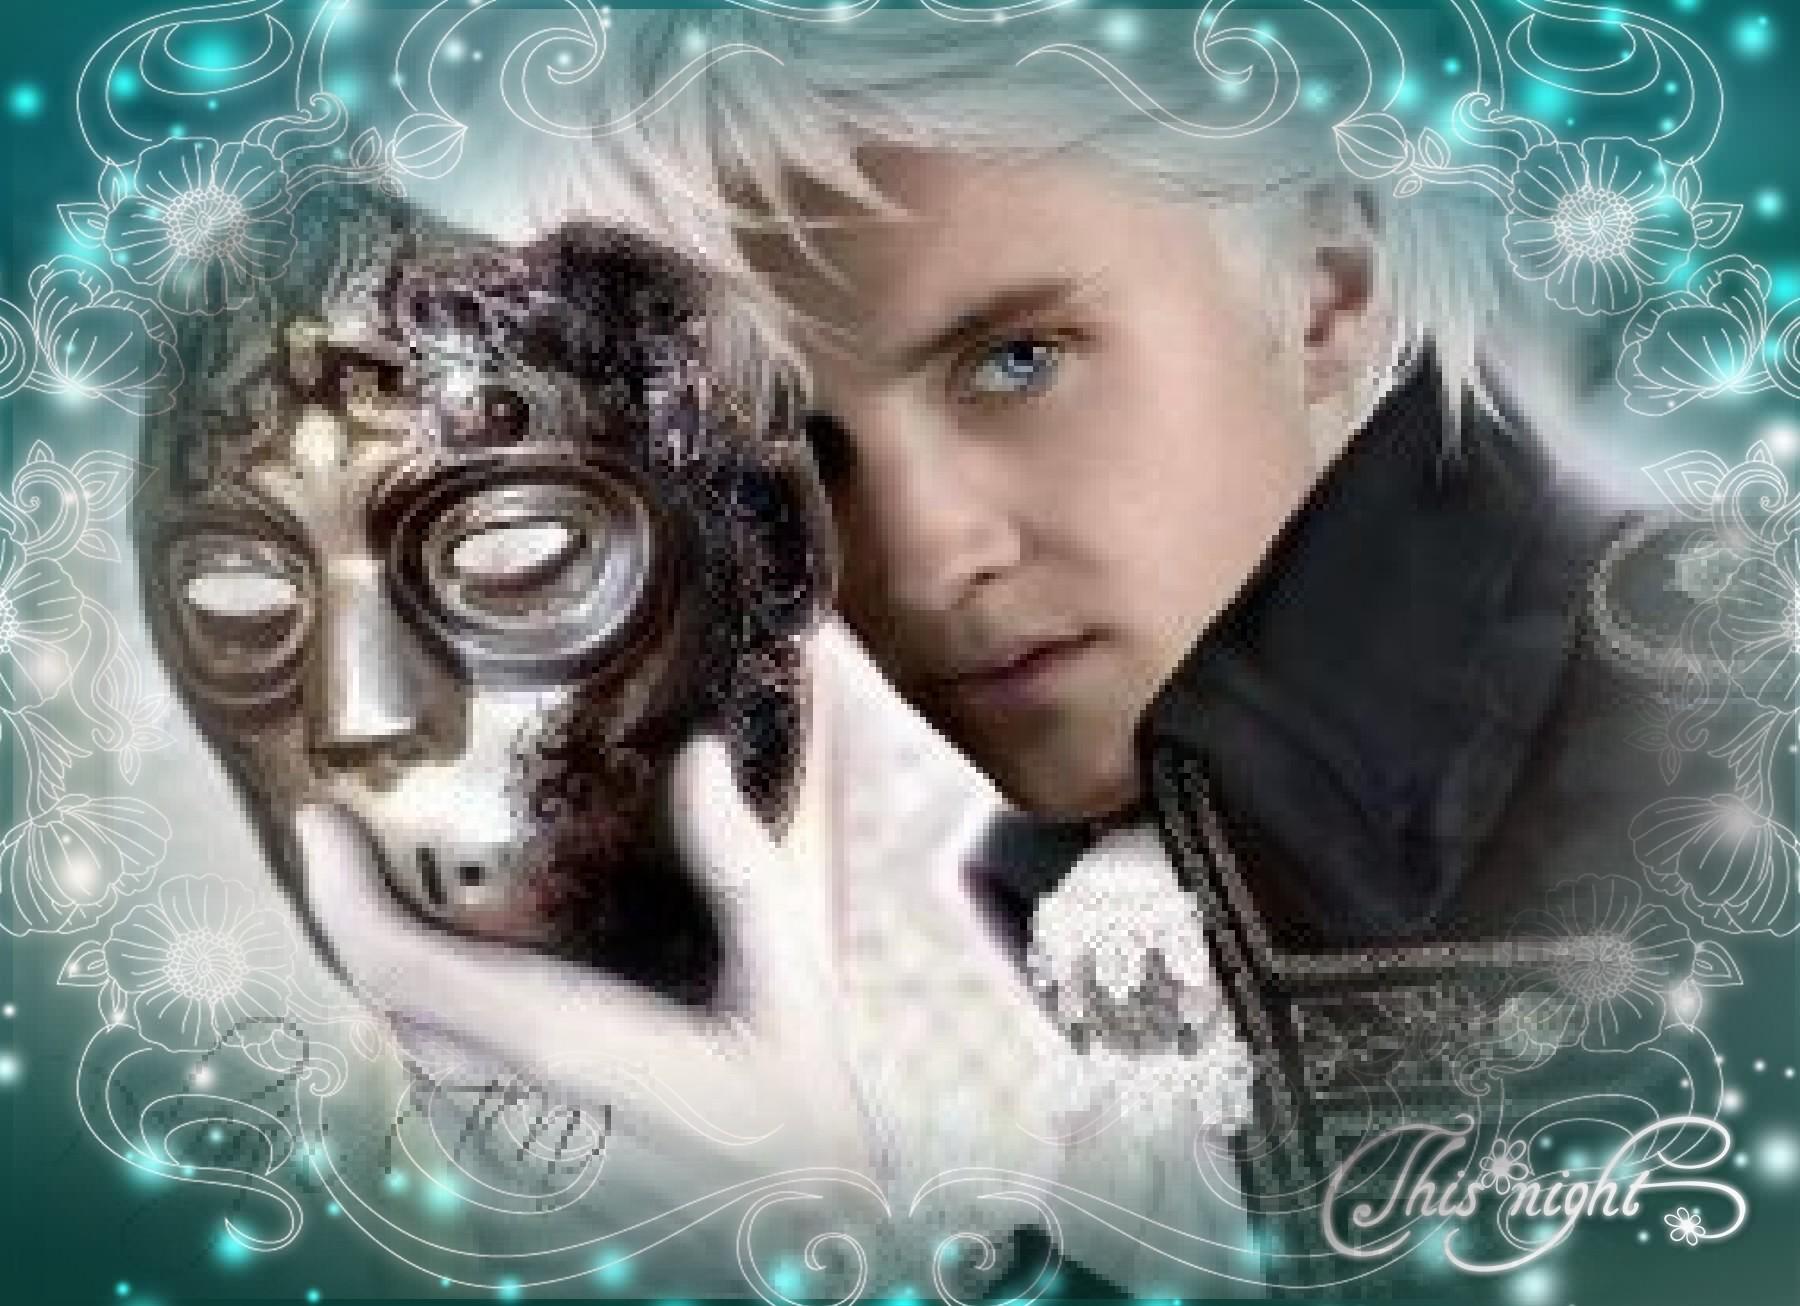 Draco so cute <3